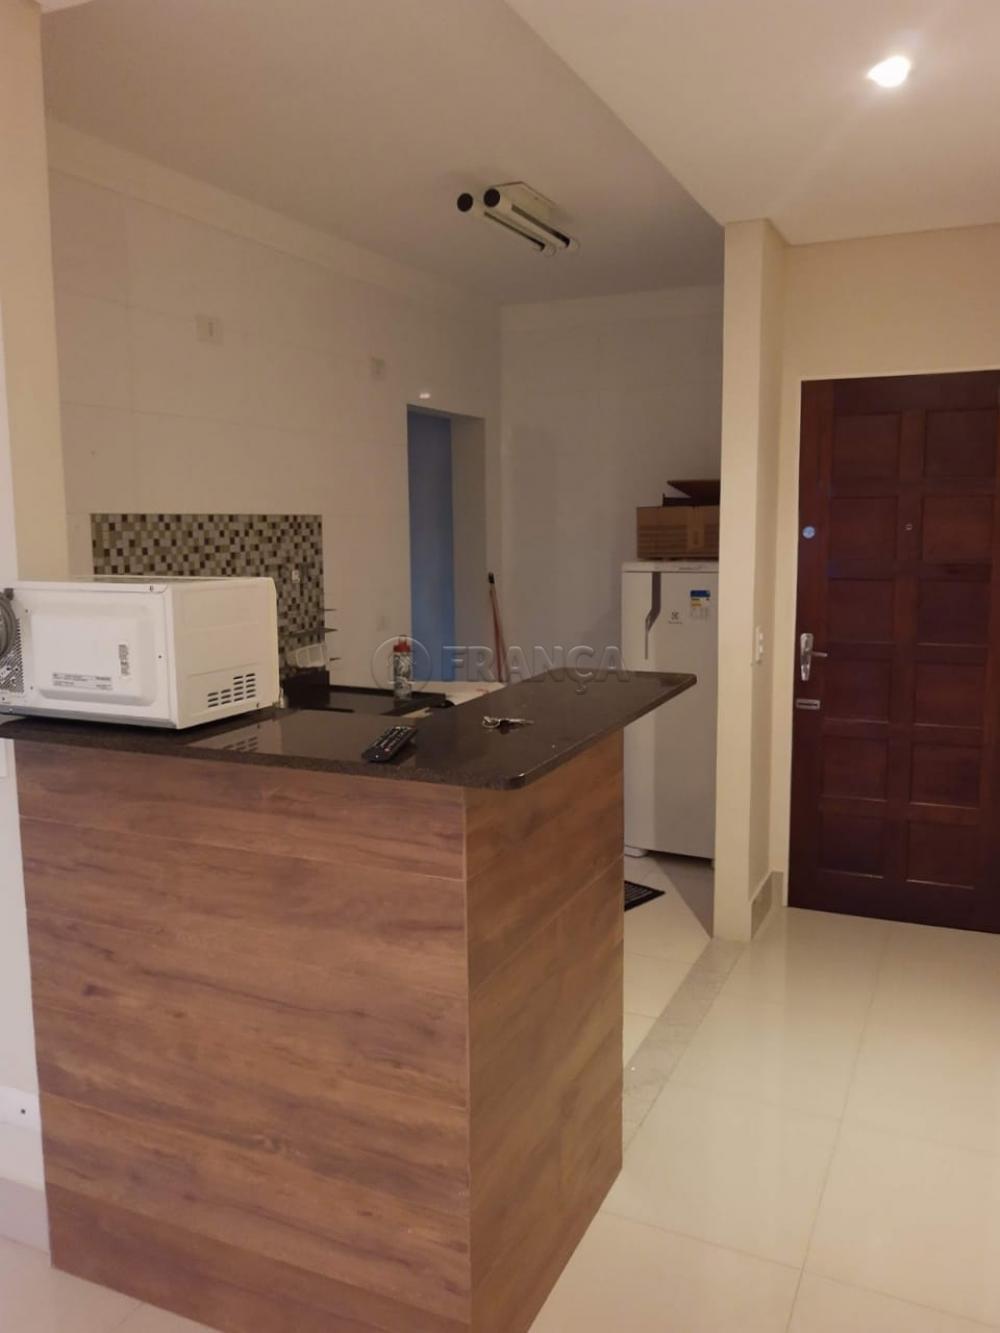 Alugar Apartamento / Padrão em Jacareí apenas R$ 860,00 - Foto 7